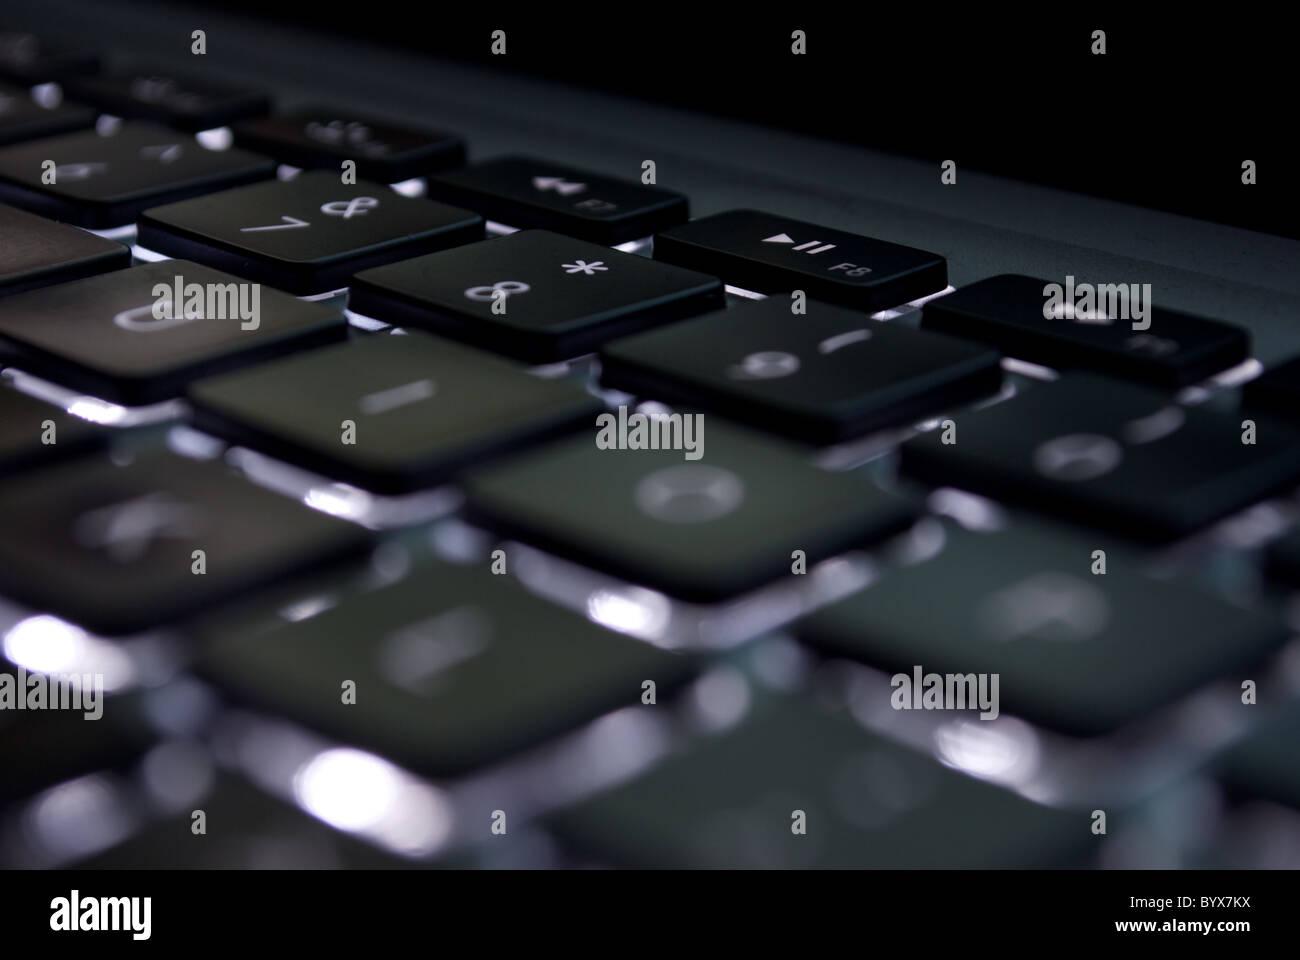 Black Keyboard - Stock Image